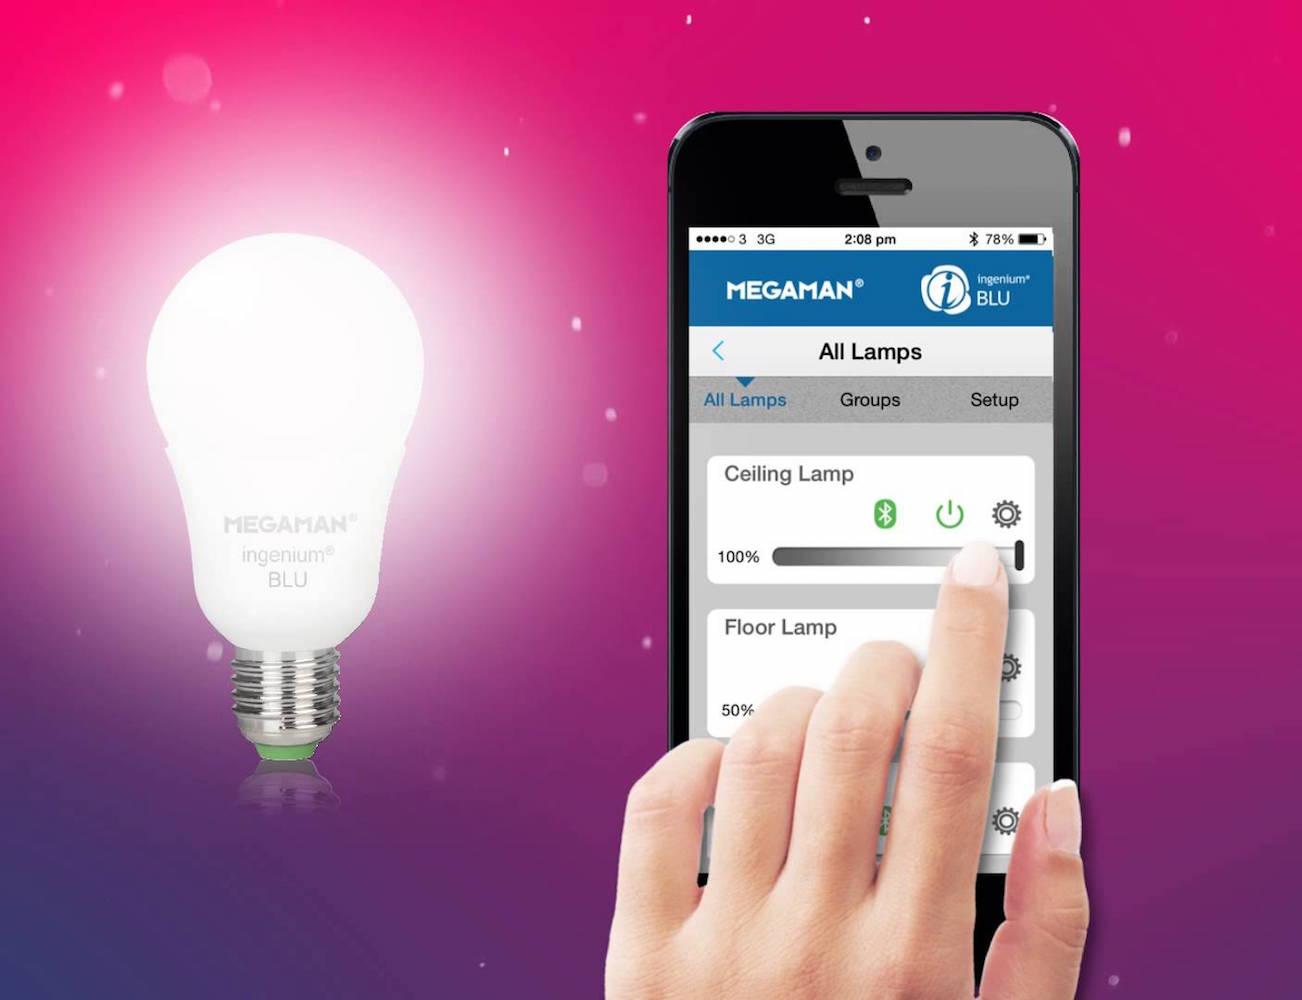 Ingenium Blu Smart Lighting